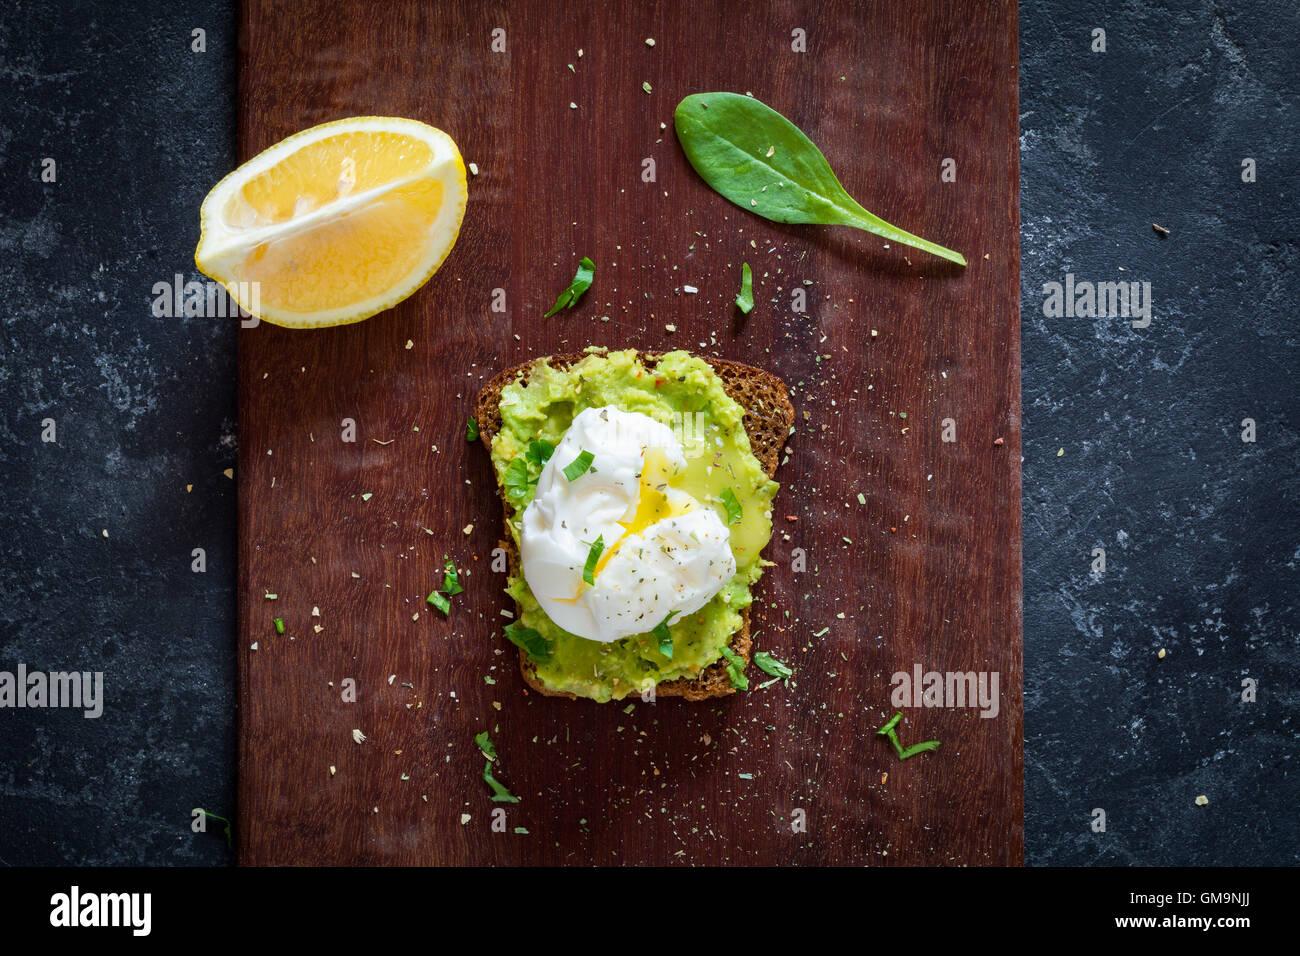 L'avocat et le sandwich œuf poché sur planche à découper en bois, dessus de table voir l'alimentation Photo Stock